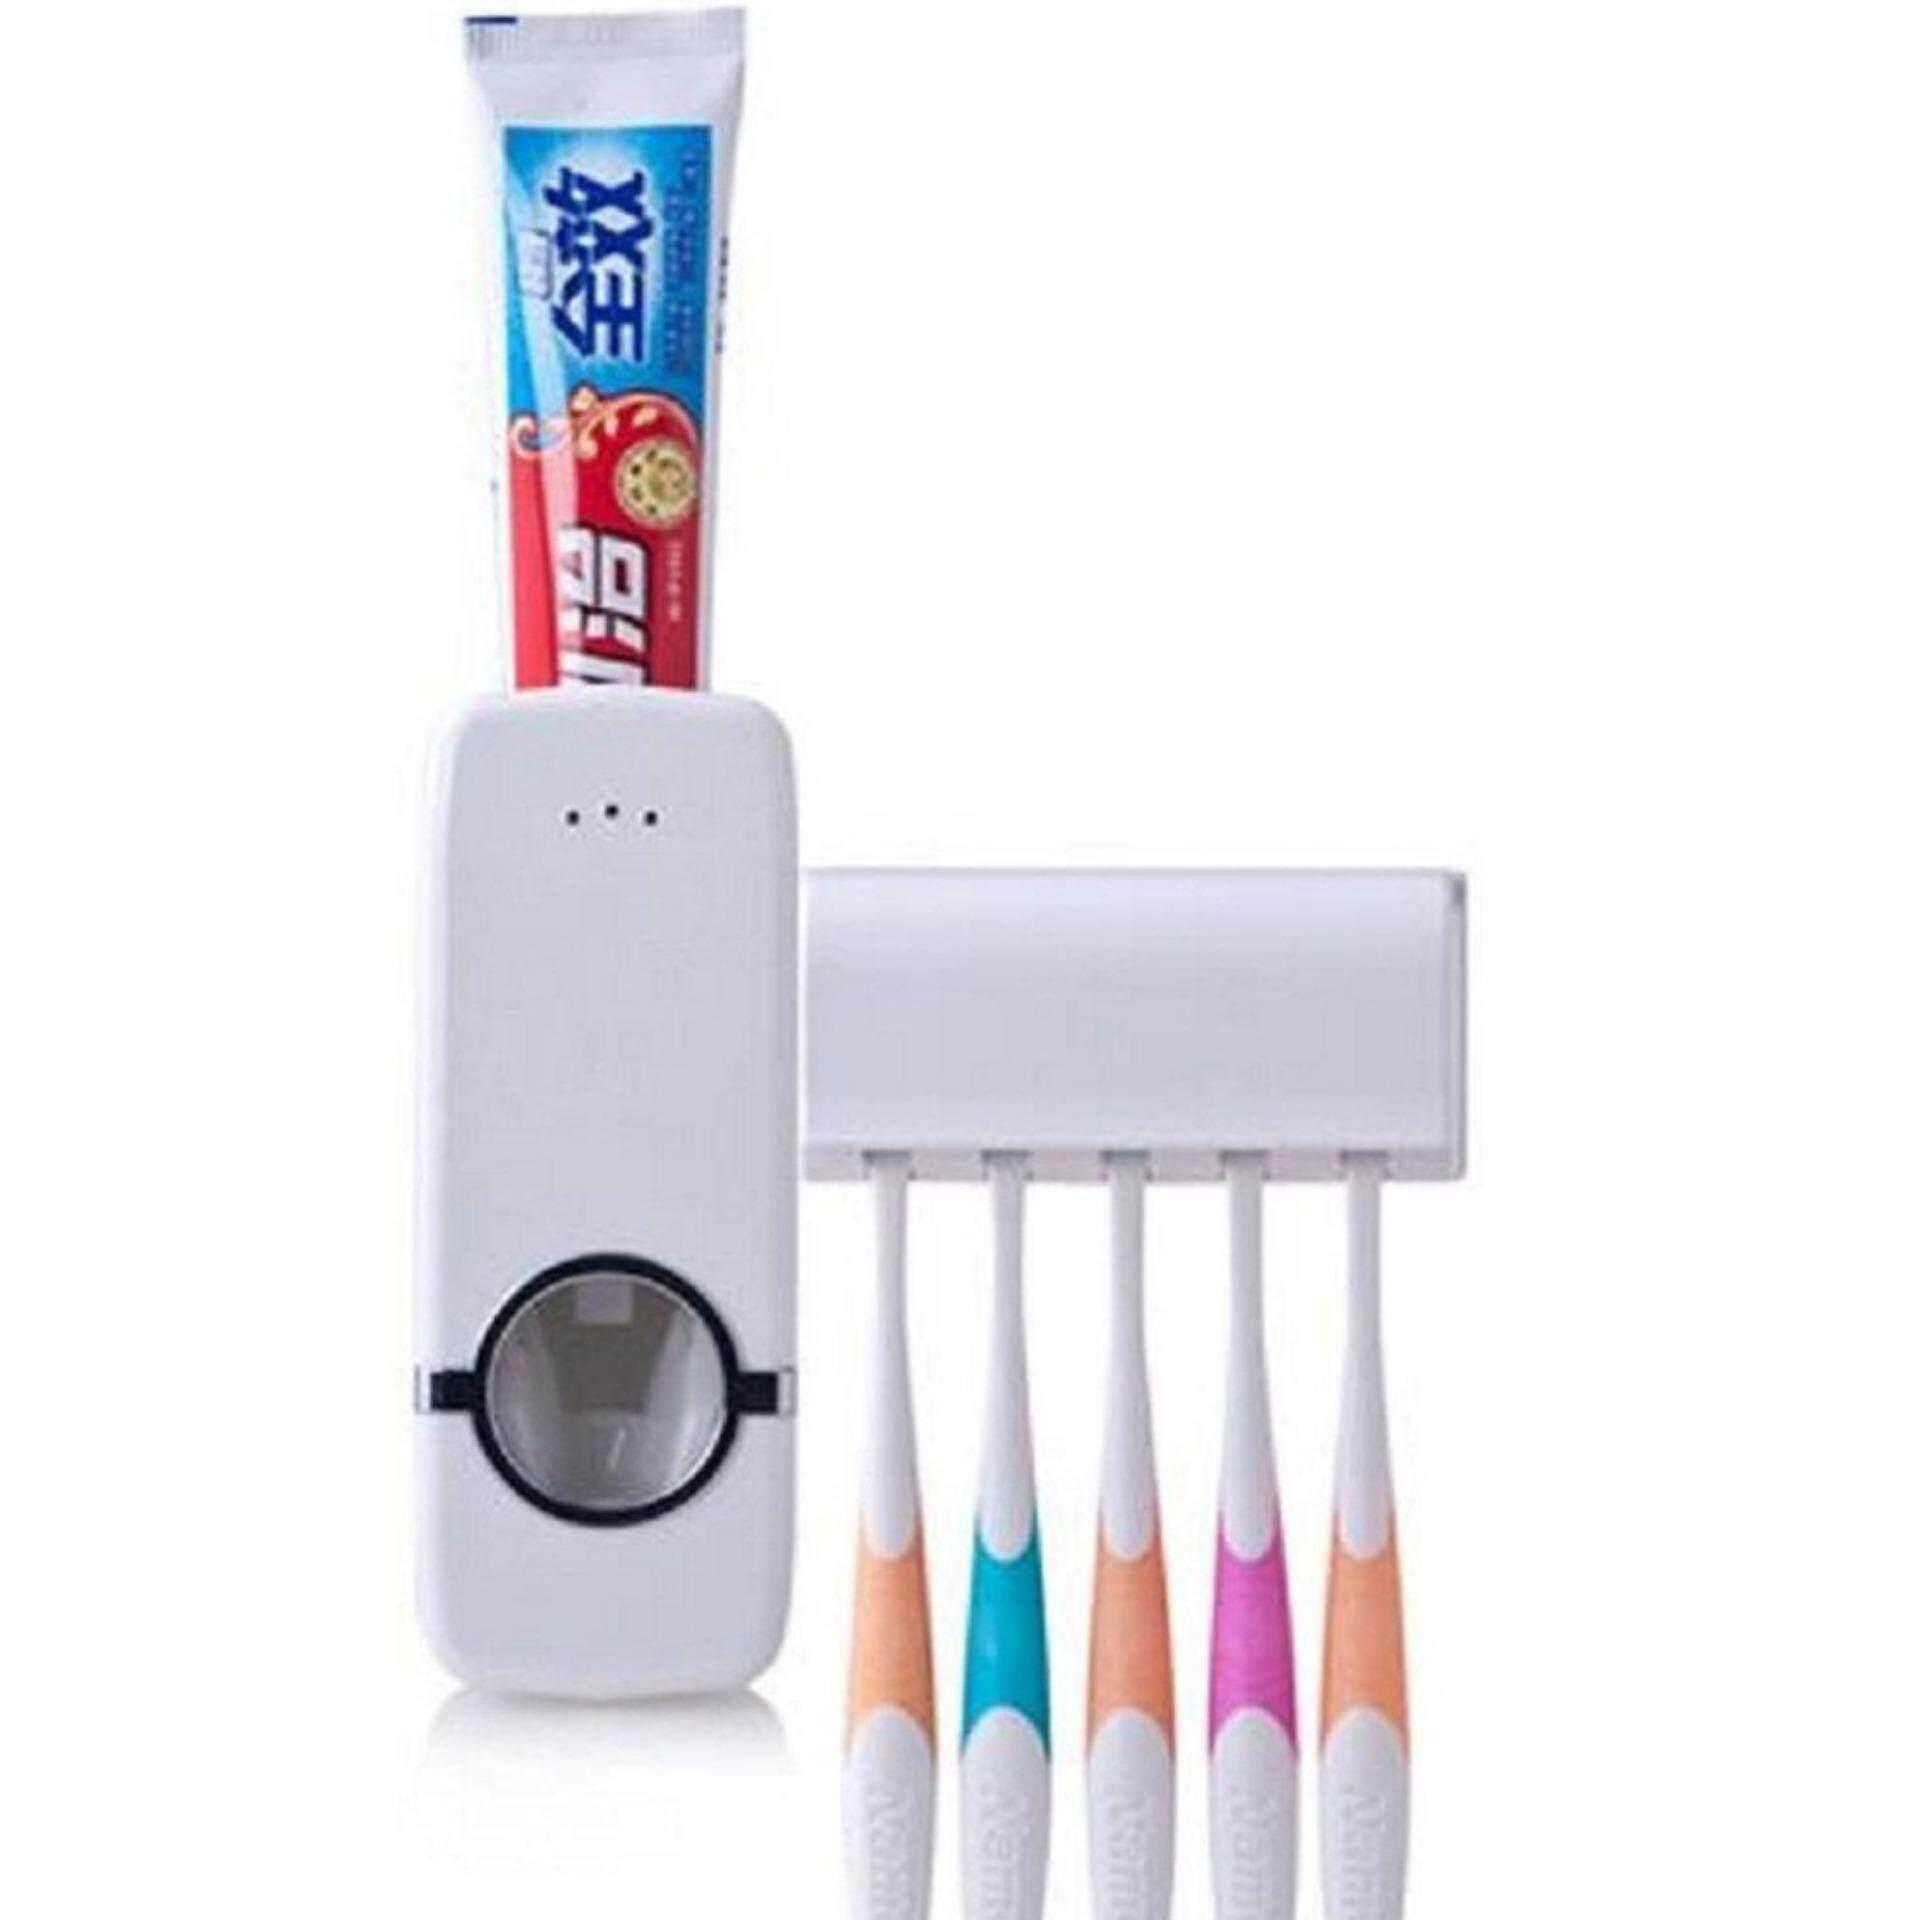 สุดยอดสินค้า!! ที่บีบยาสีฟันอัตโนมัติ เป็นระเบียบ:สะดวก ใช้งานง่าย ส่งฟรี Kerry